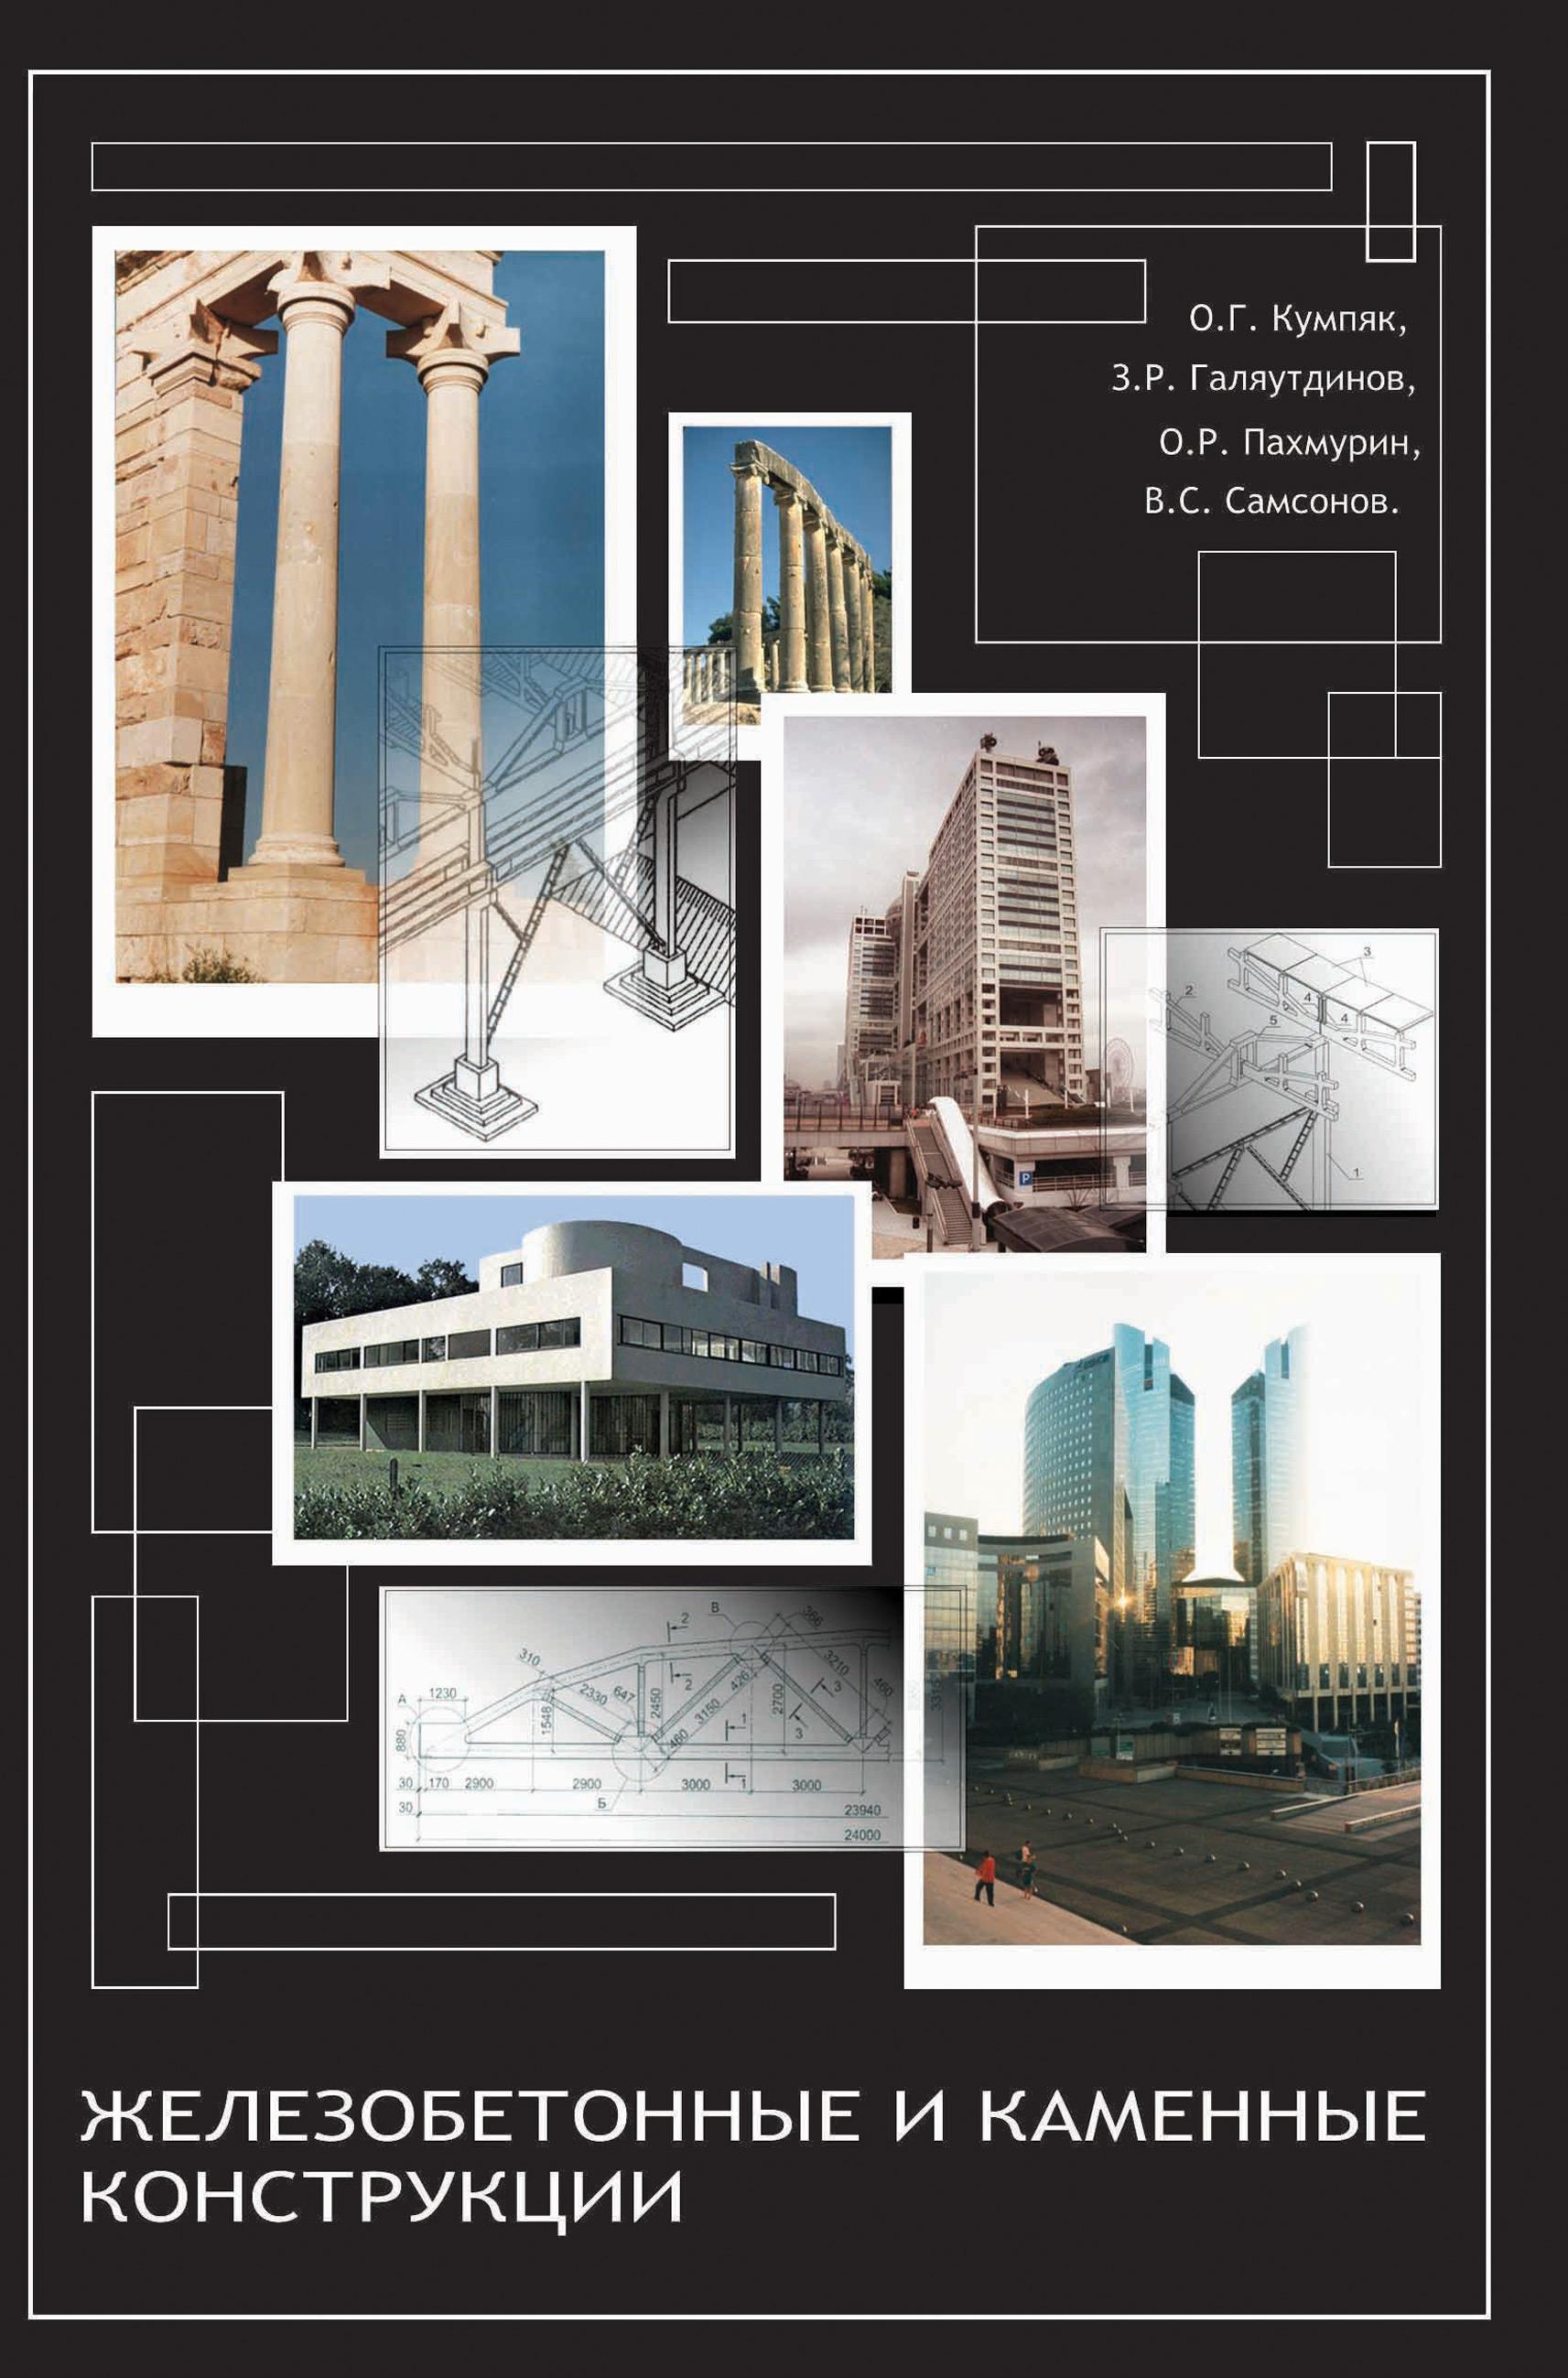 О. Г. Кумпяк Железобетонные и каменные конструкции а в ермакова метод дополнительных конечных элементов для расчета железобетонных конструкций по предельным состояниям